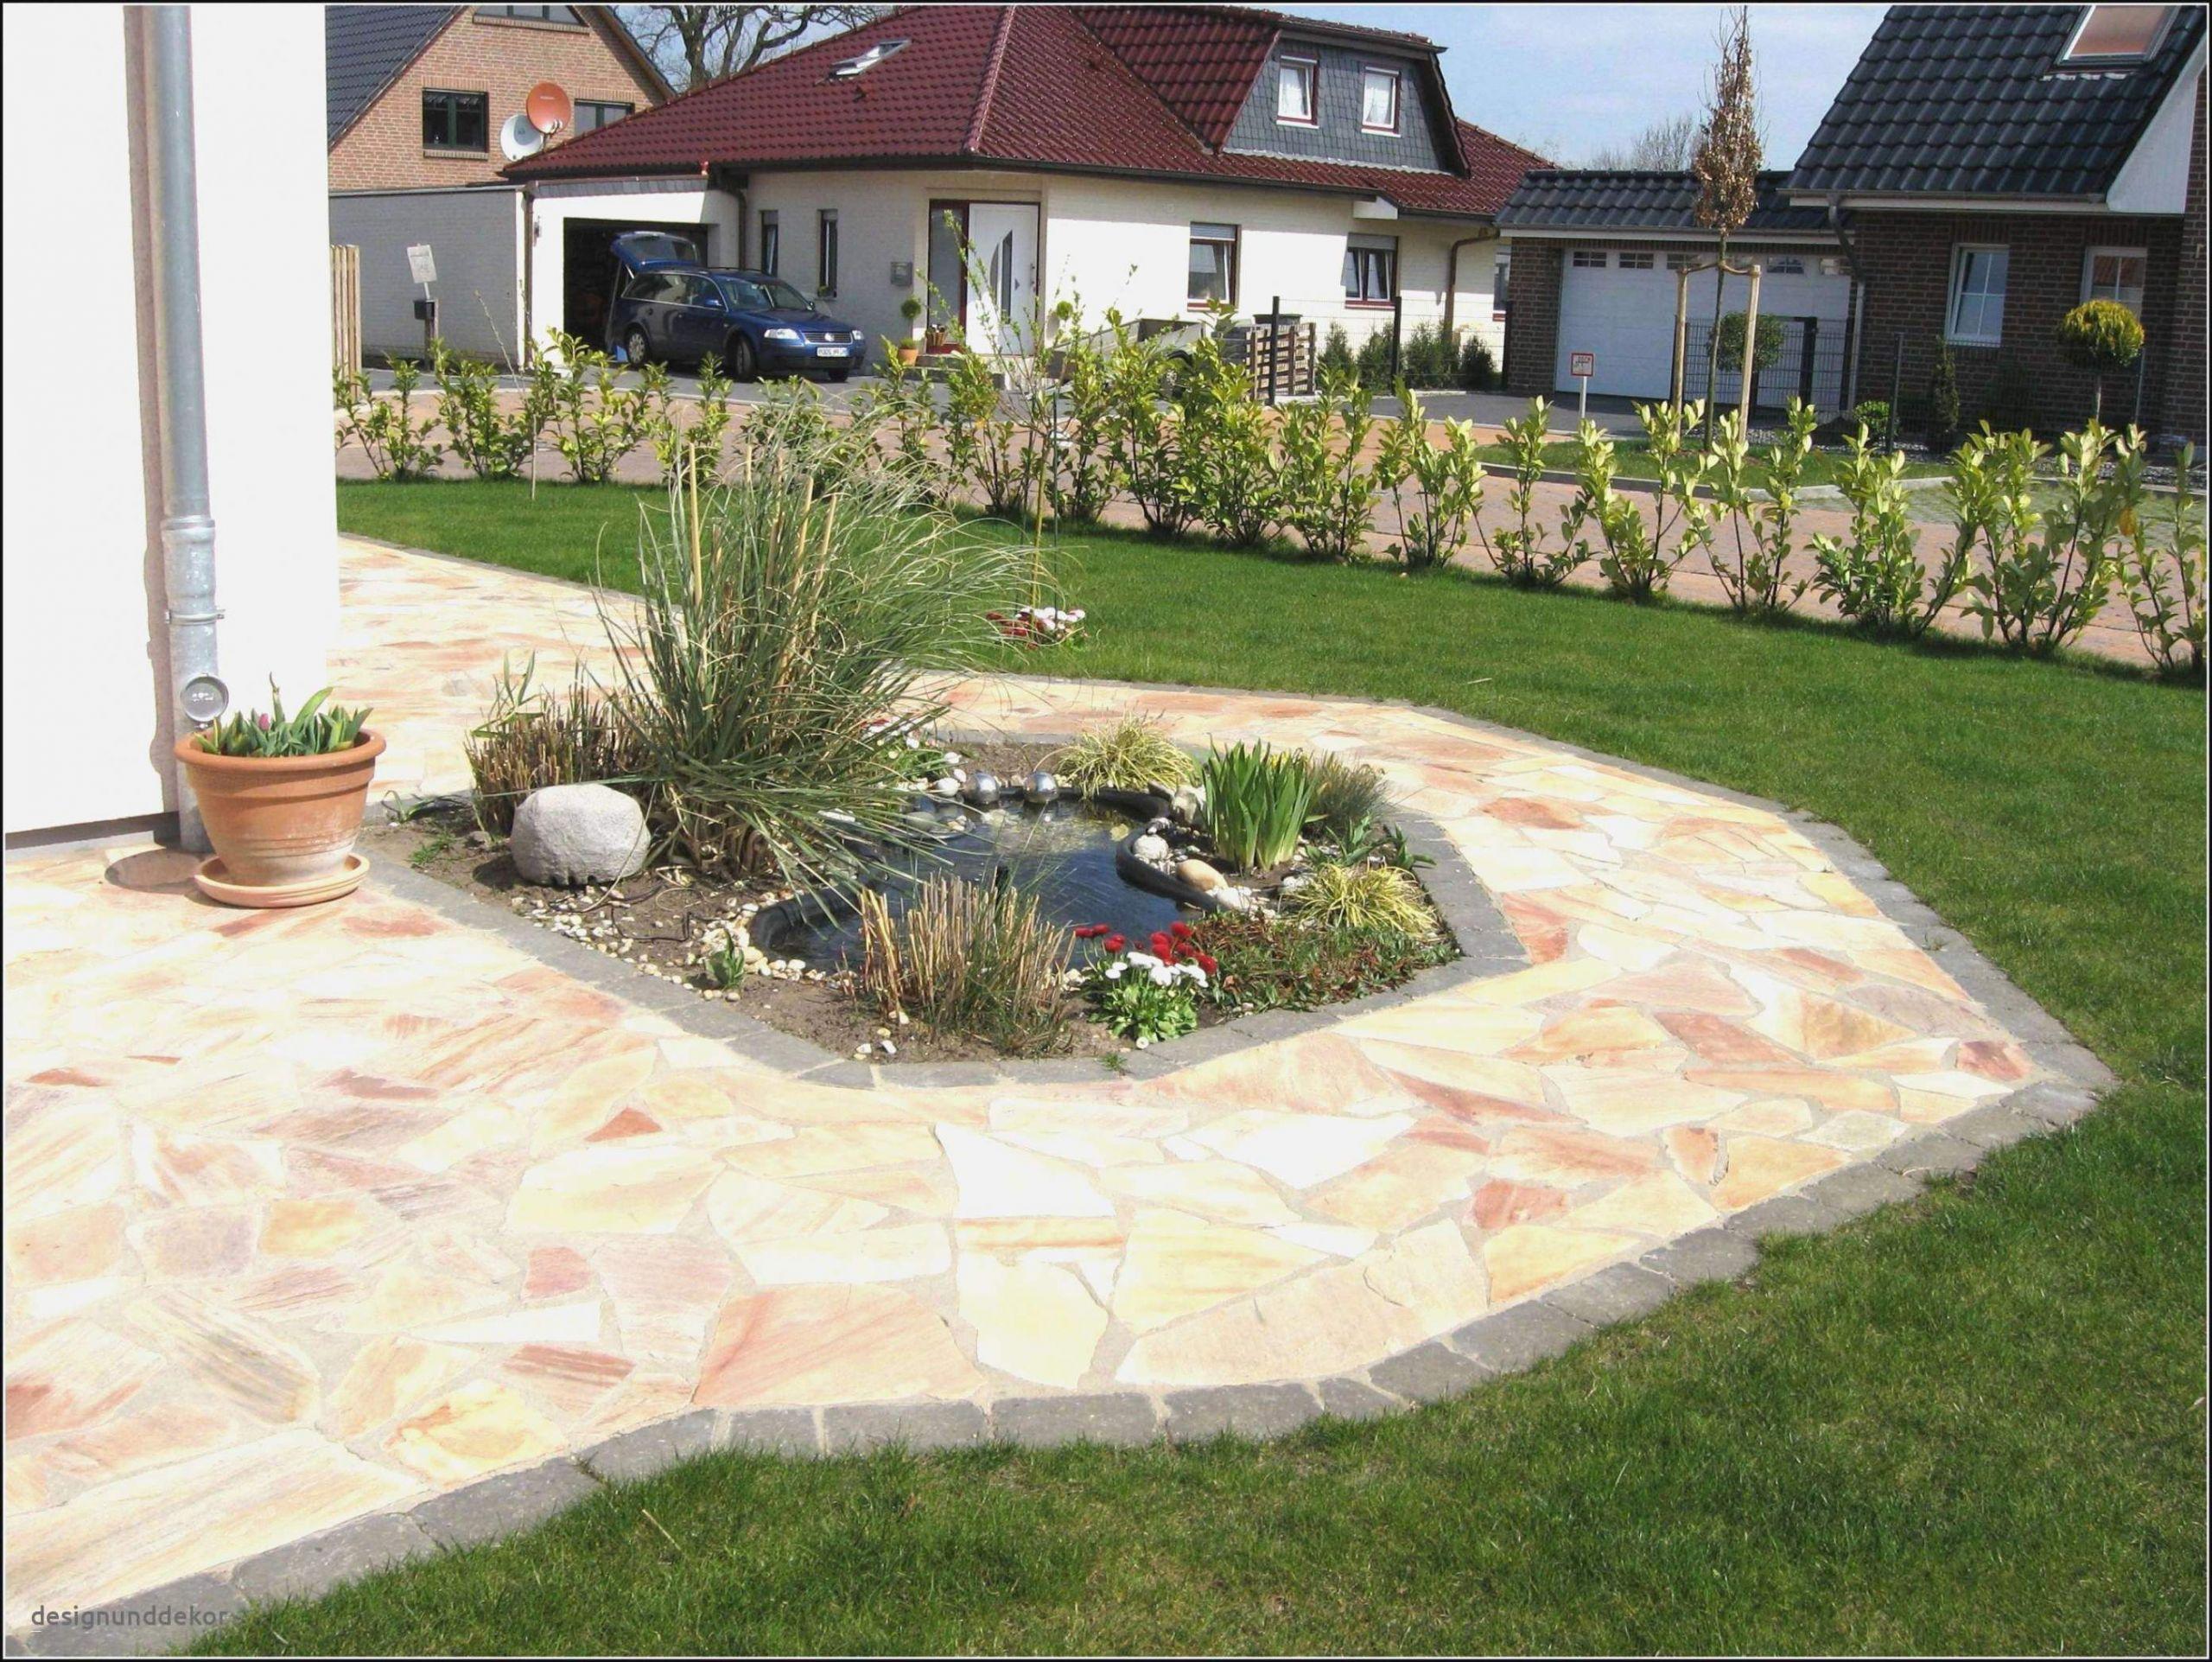 Garten Mit Steinen Gestalten Das Beste Von Gartengestaltung Mit Holz Und Stein — Temobardz Home Blog